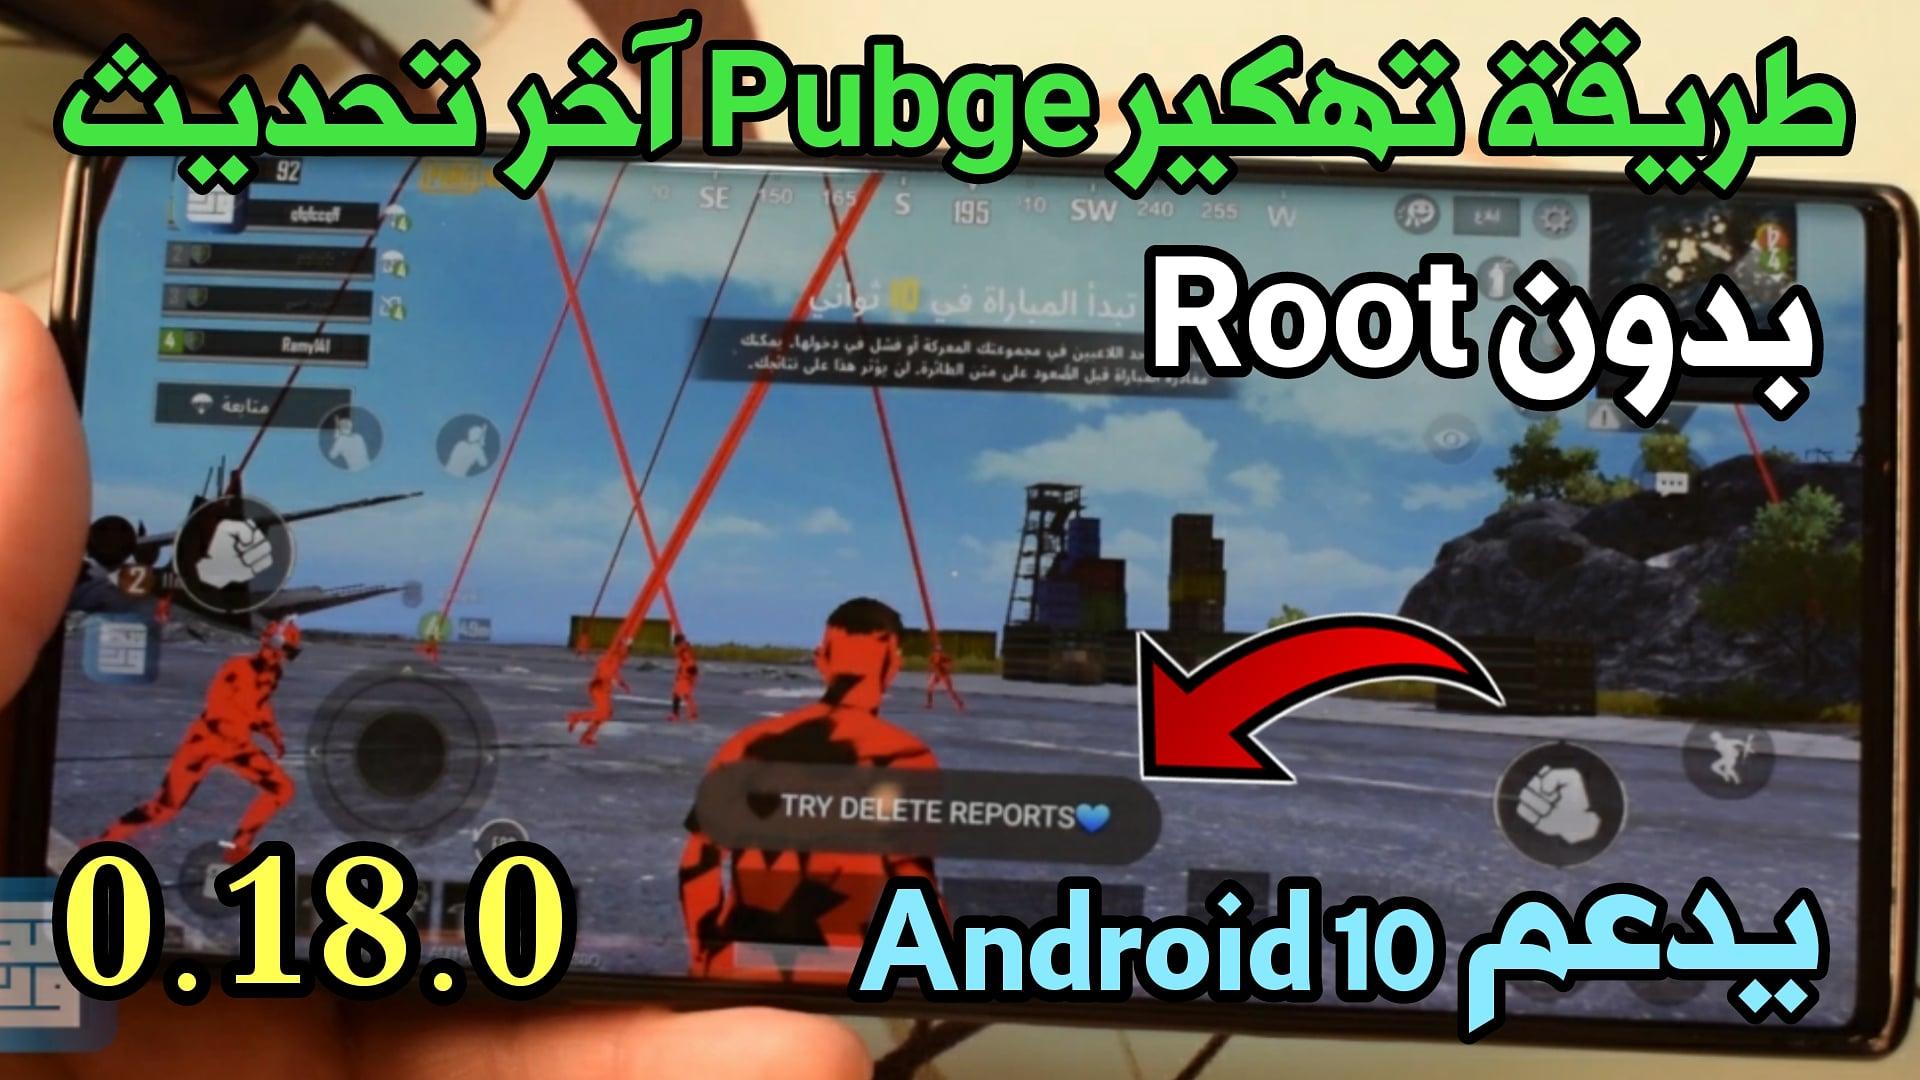 تهكير Pubge آخر تحديث 0.18.0 بدون باند !!!! يدعم Android 10 بدون روت على الحساب الاساسي